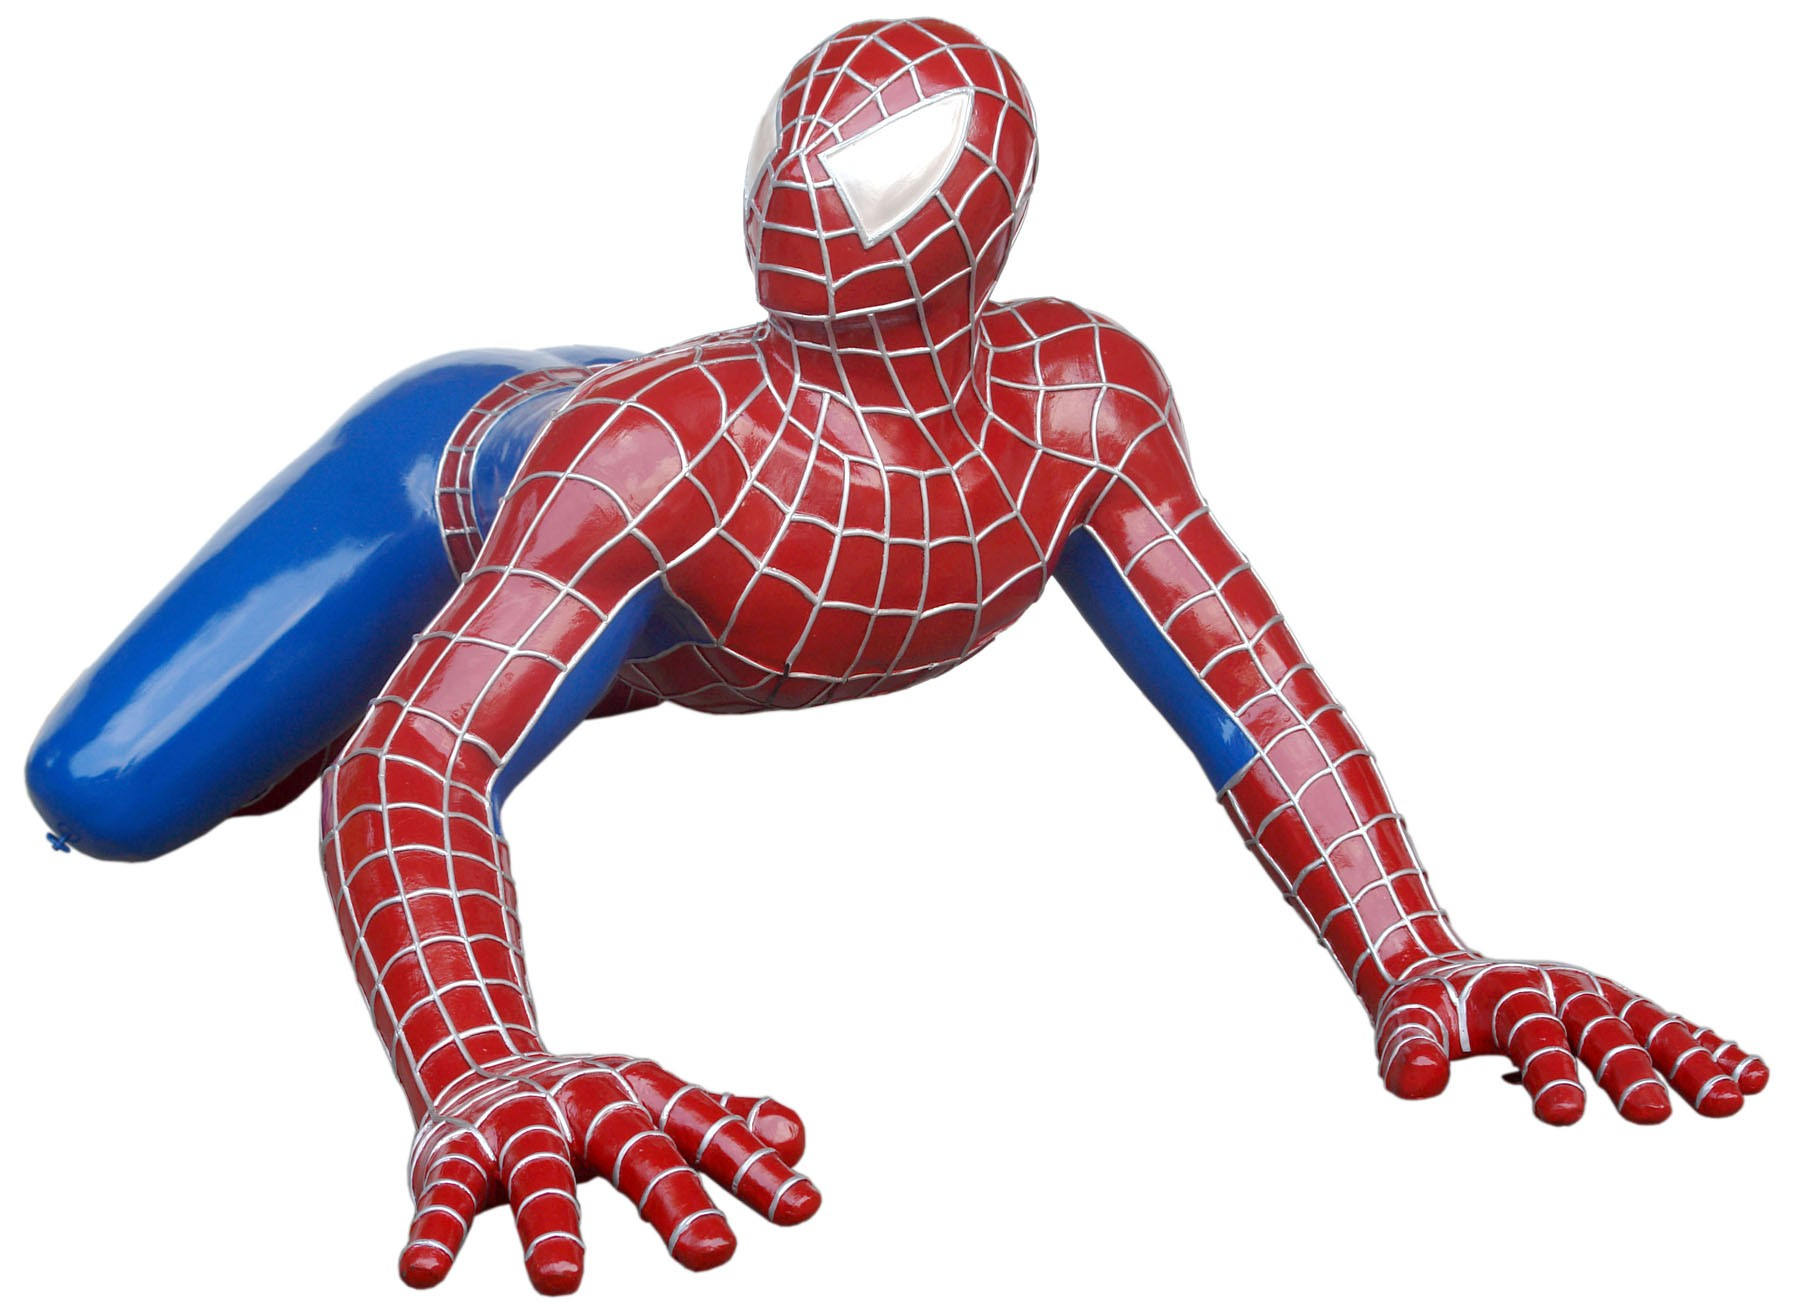 Spiderman hängend an Wand